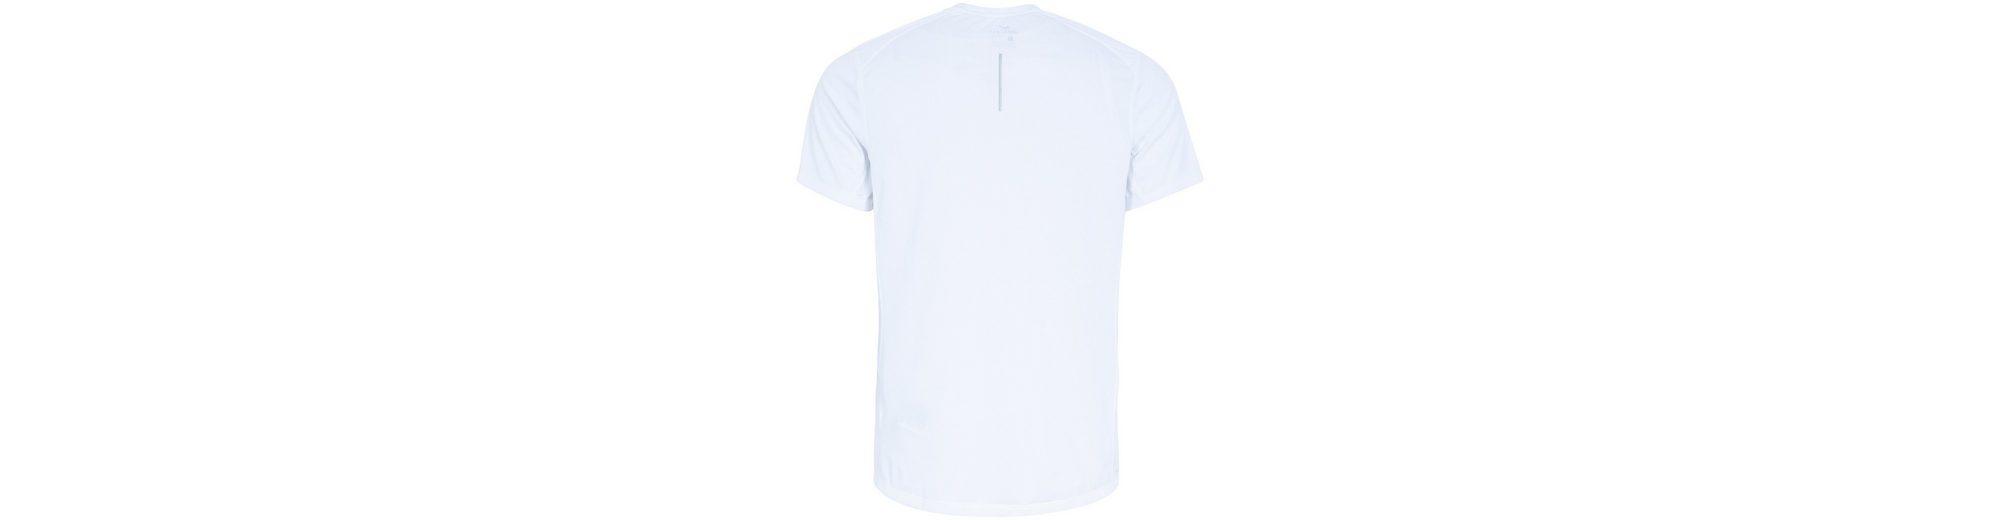 Bestseller Online Rabattgutscheine Online Nike Laufshirt Dry Miler Extrem Günstiger Preis Q3aXX